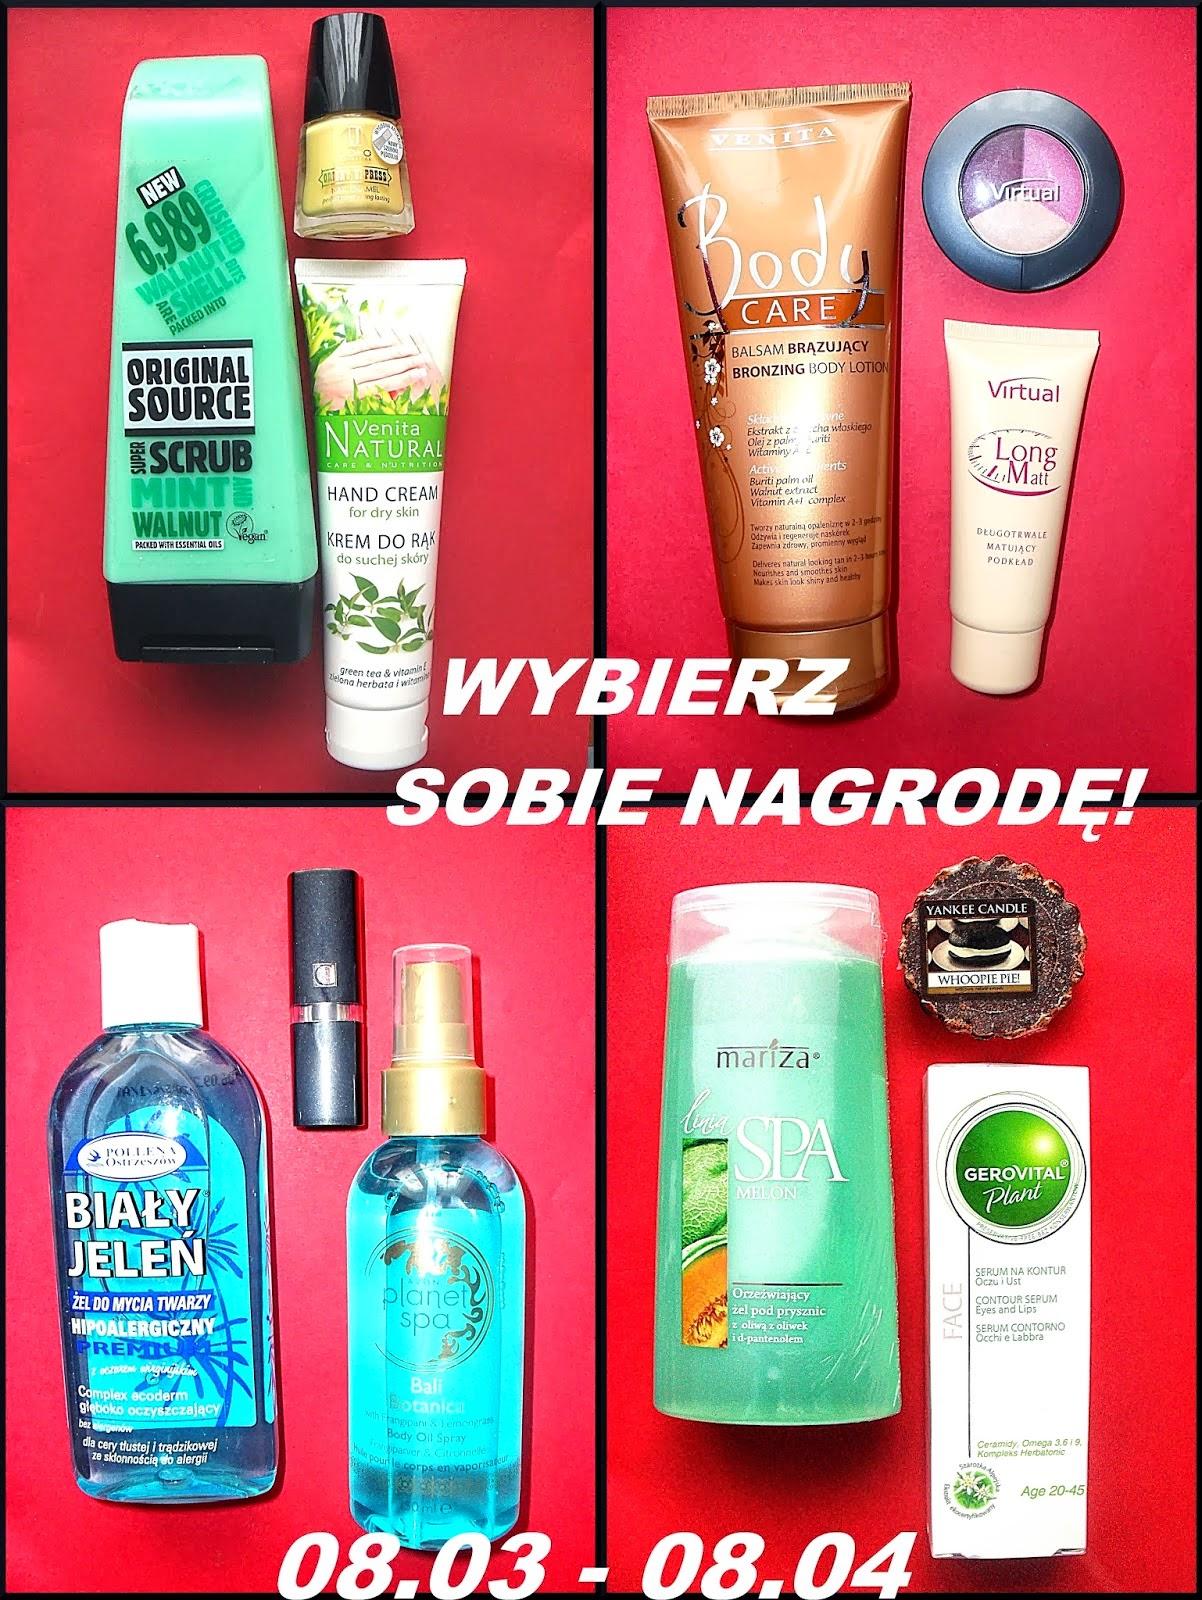 http://moj-kosmetyczny-punkt-widzenia.blogspot.com/2014/03/rozdanie-wybierz-sobie-nagrode.html